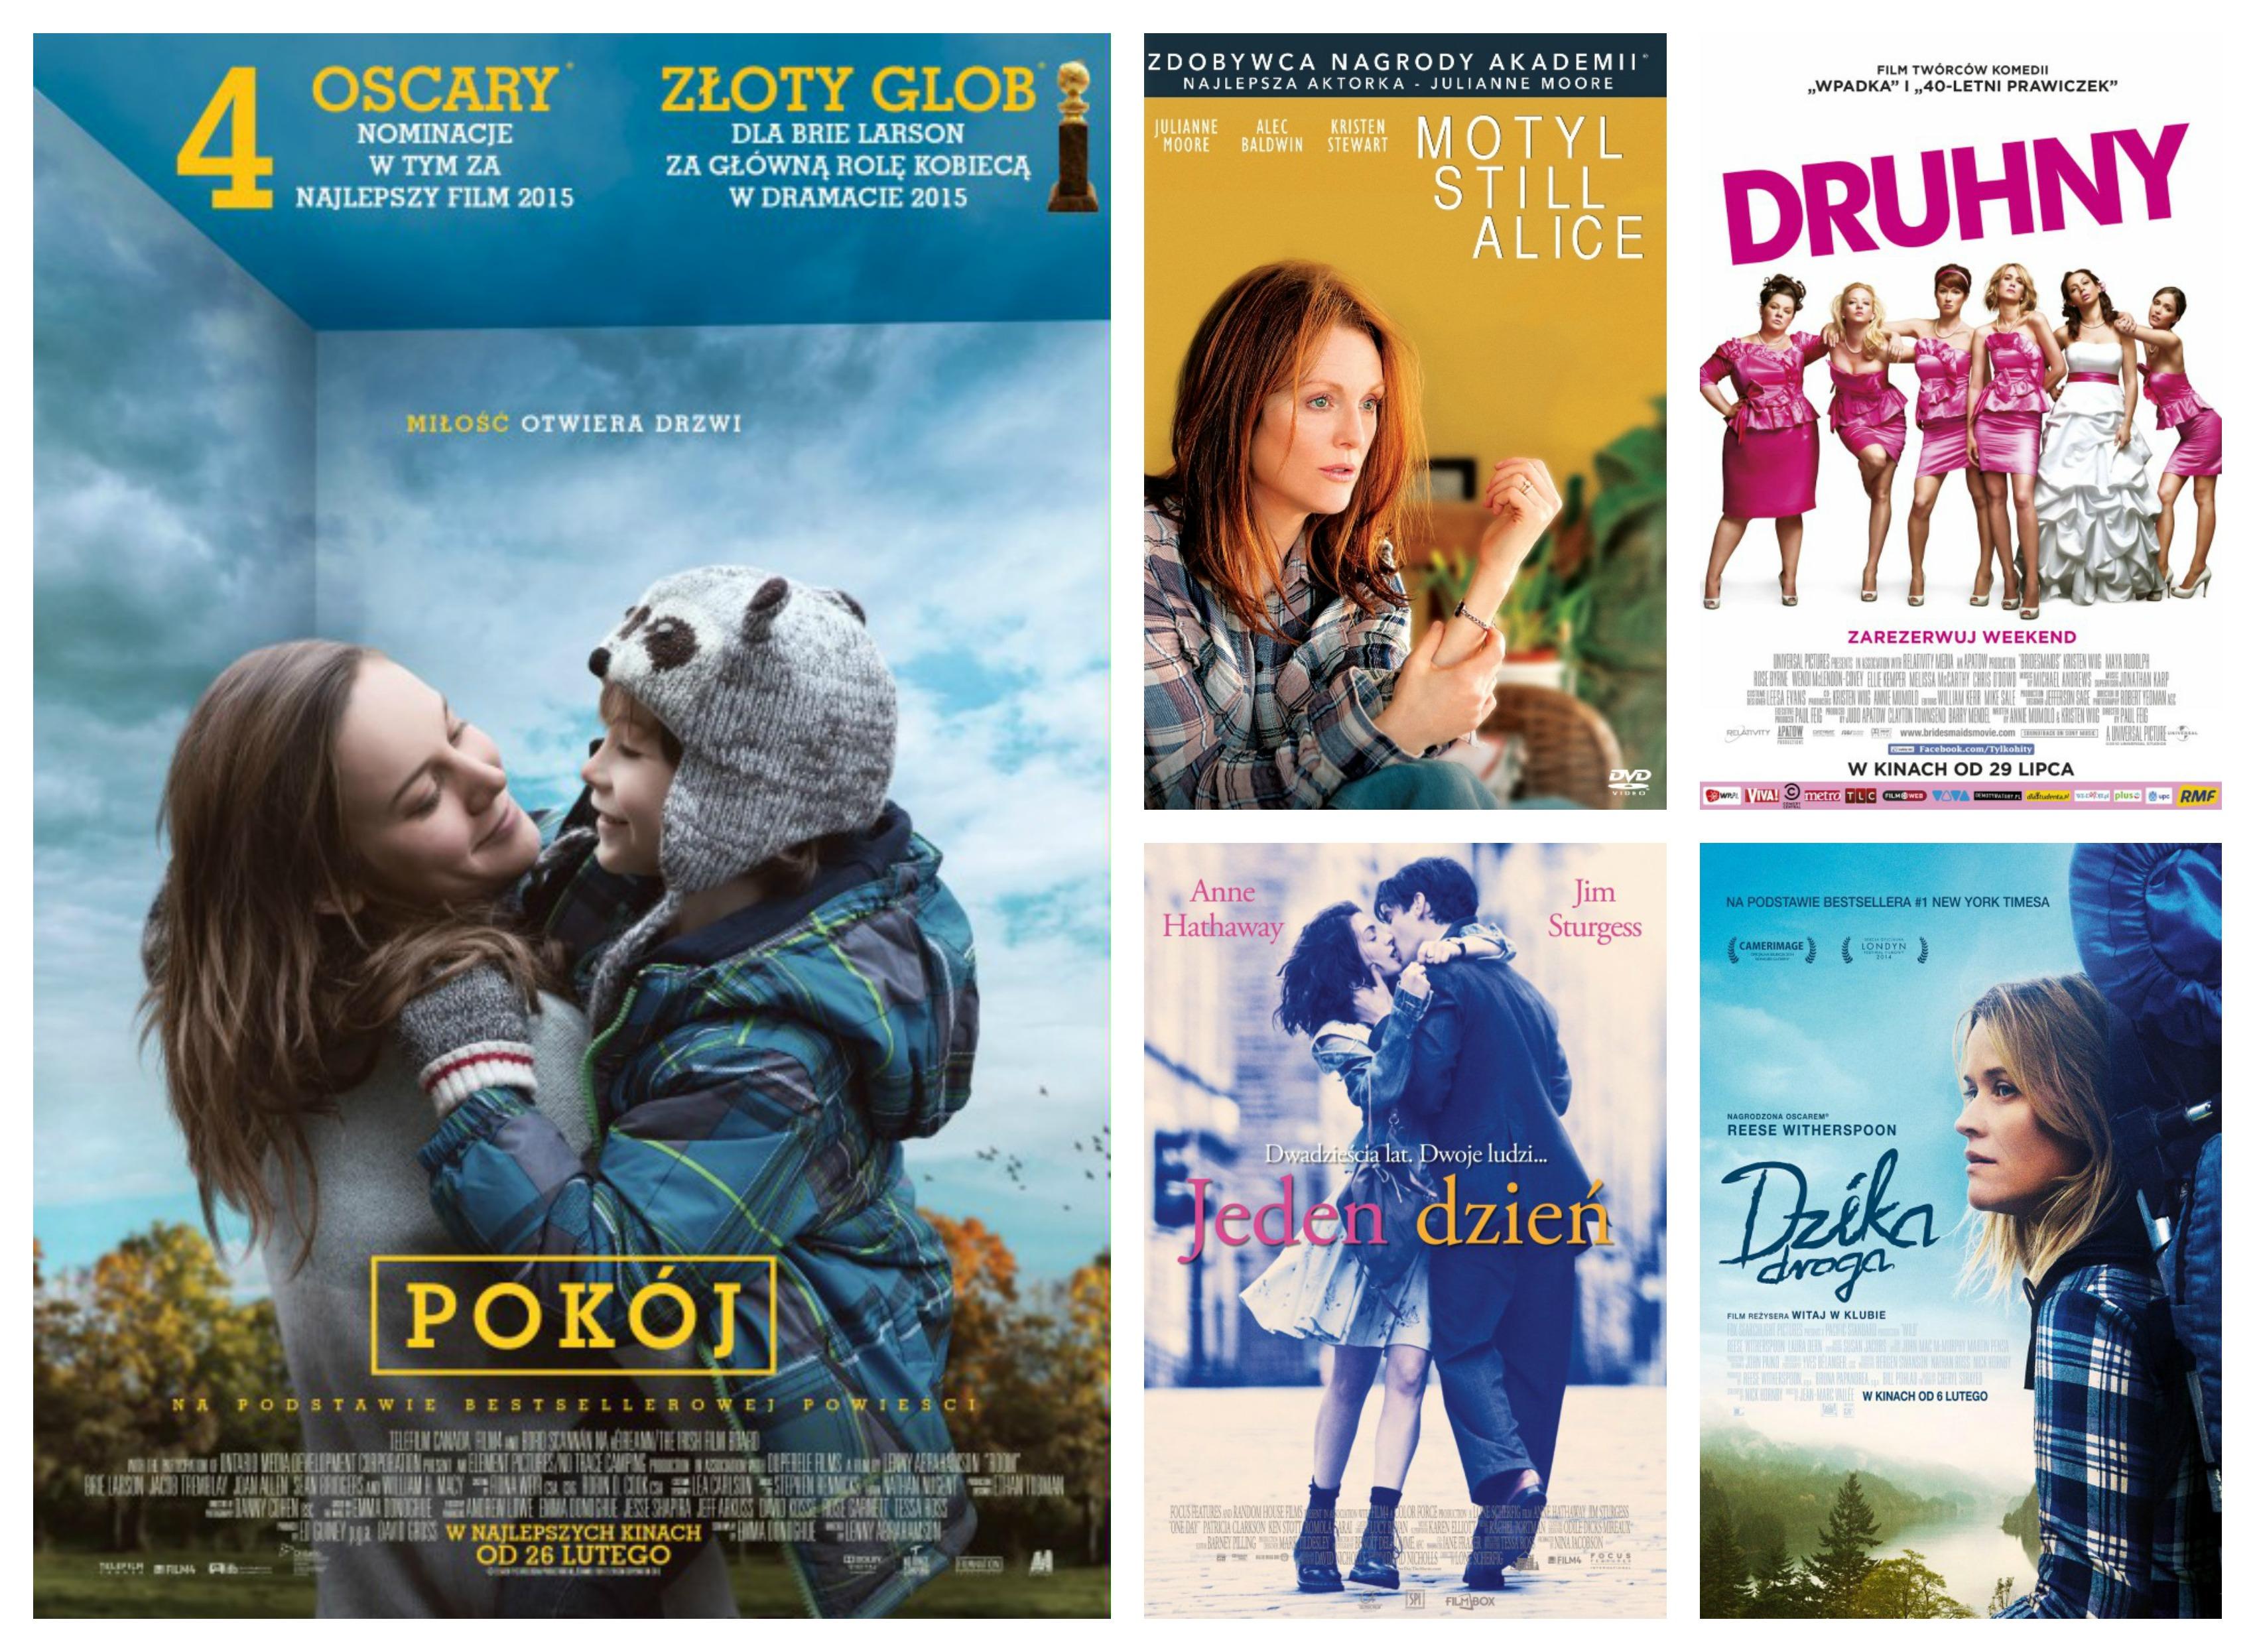 #5 dobrych chwil – najlepsze filmy na lipiec